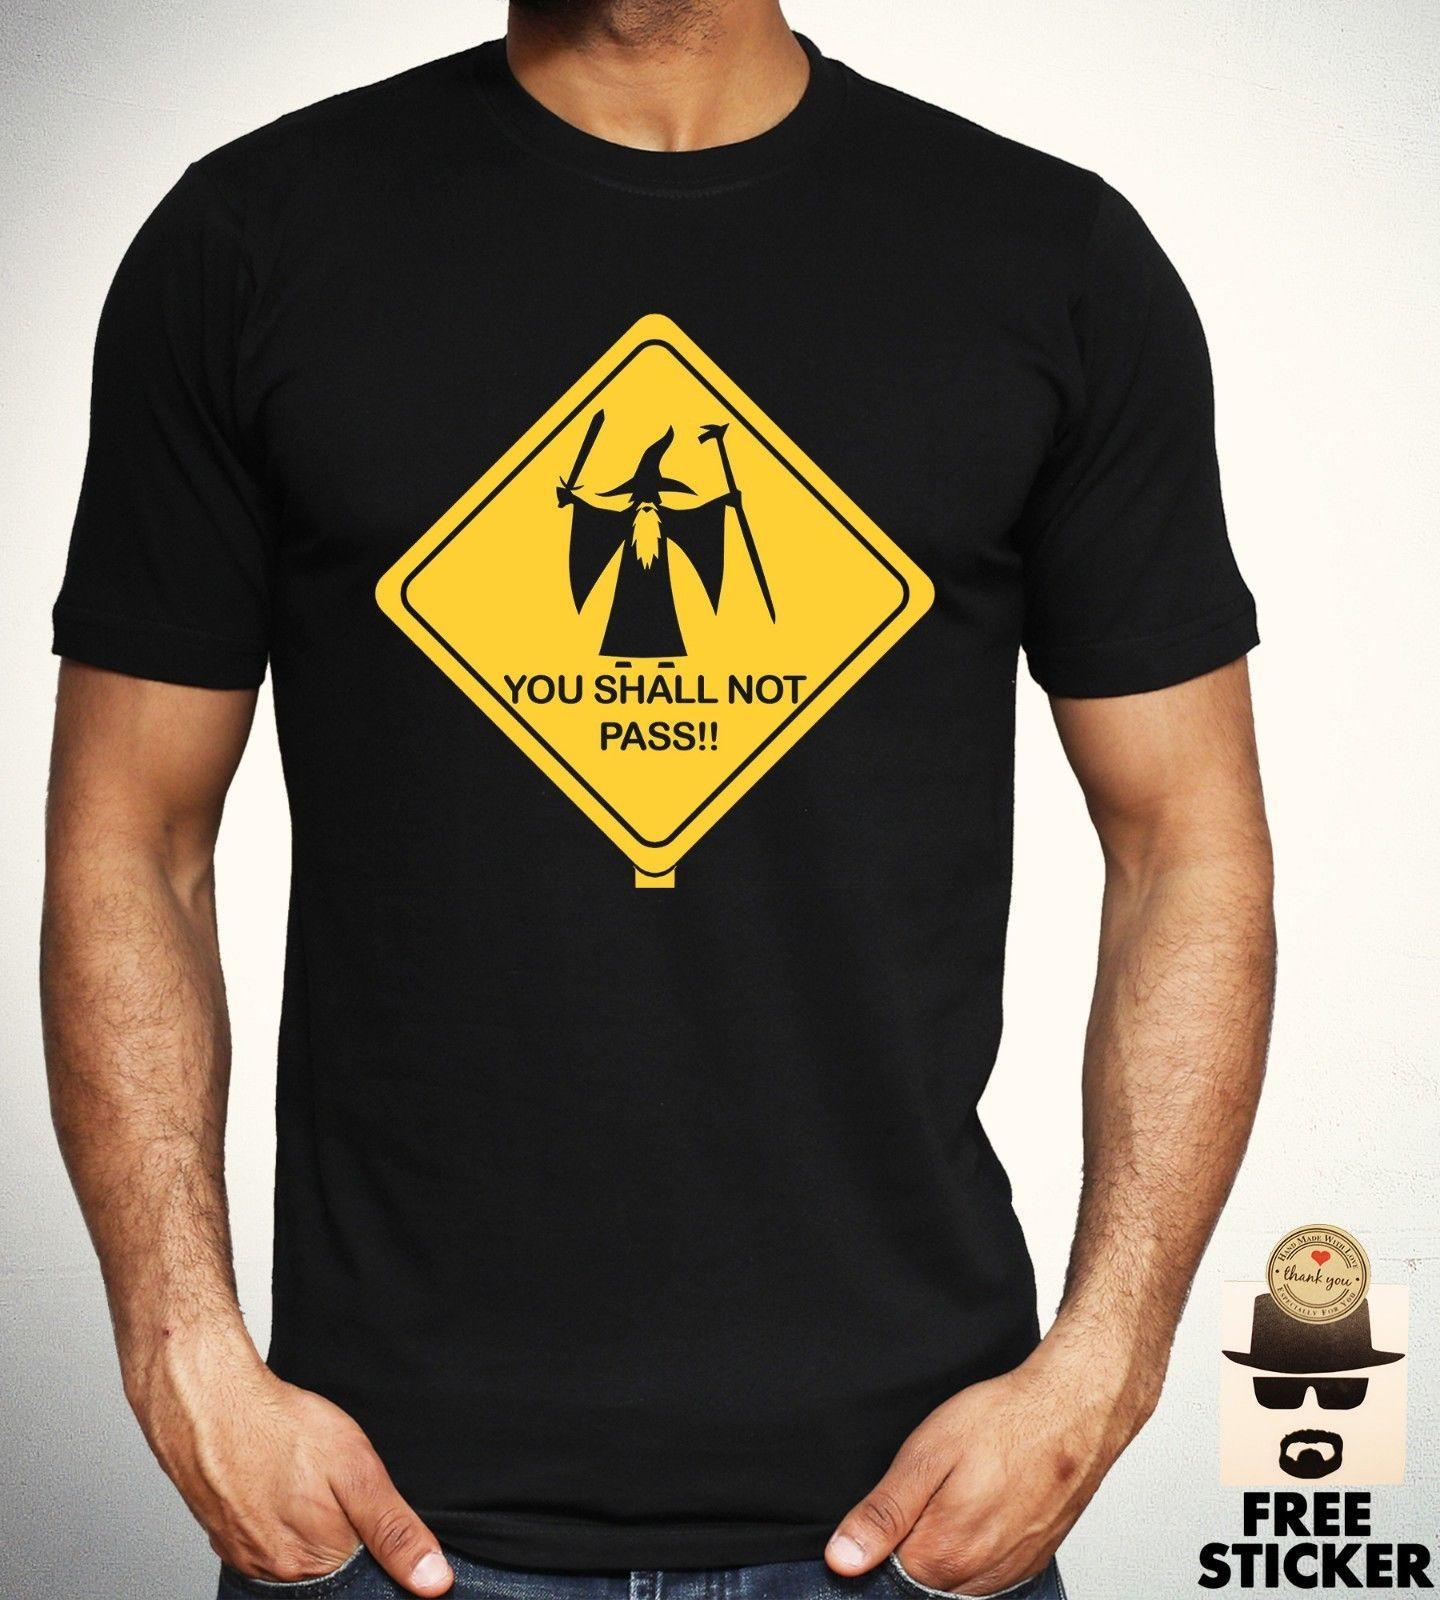 ac21122f23e0bc Großhandel Herr Der Ringe T Shirt Lustige Parodie Sie Nicht Zeichen Zeichen  Hobbit Top Mens Baumwolle Männer T Shirts Klassische Top T Grundlegende  Modelle ...